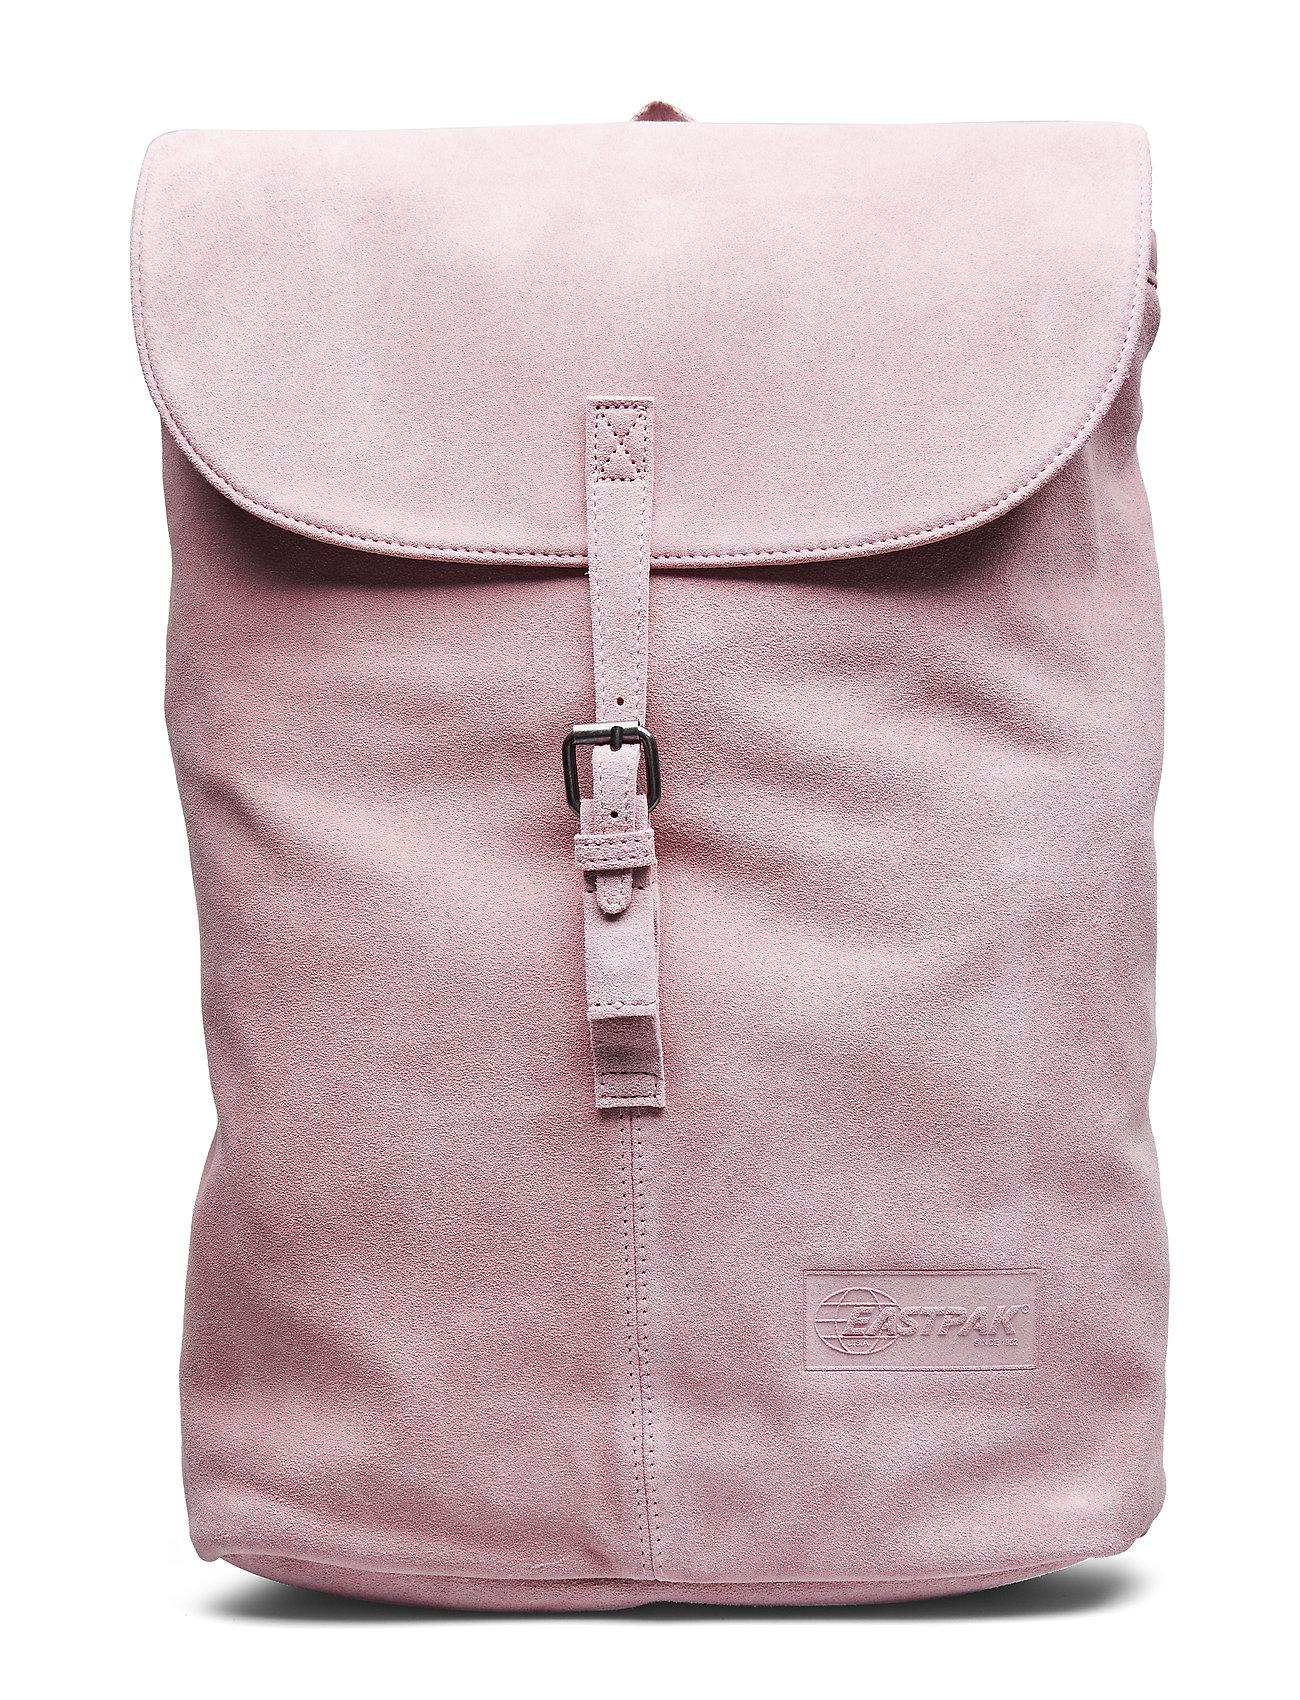 EASTPAK Ciera Accessories Backpacks Pink EASTPAK